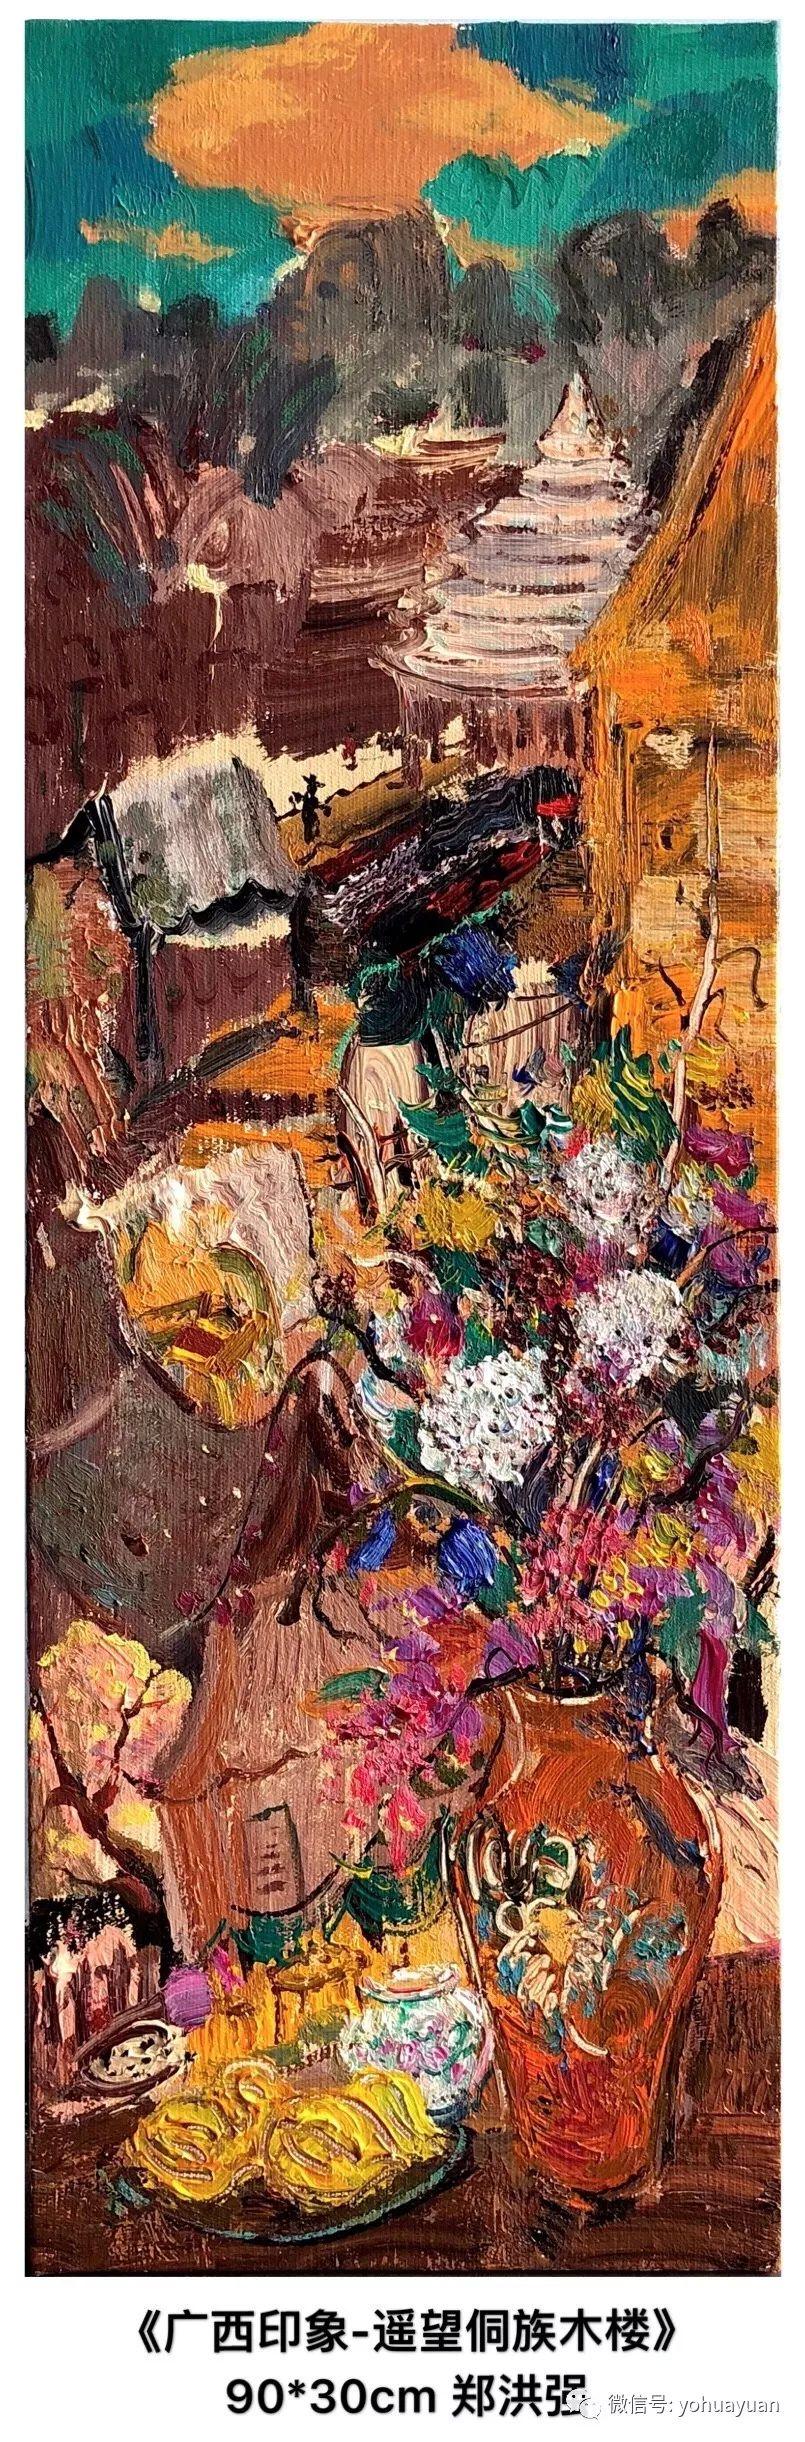 油画作品拍卖(内蒙古草原写生) 第105张 油画作品拍卖(内蒙古草原写生) 蒙古画廊